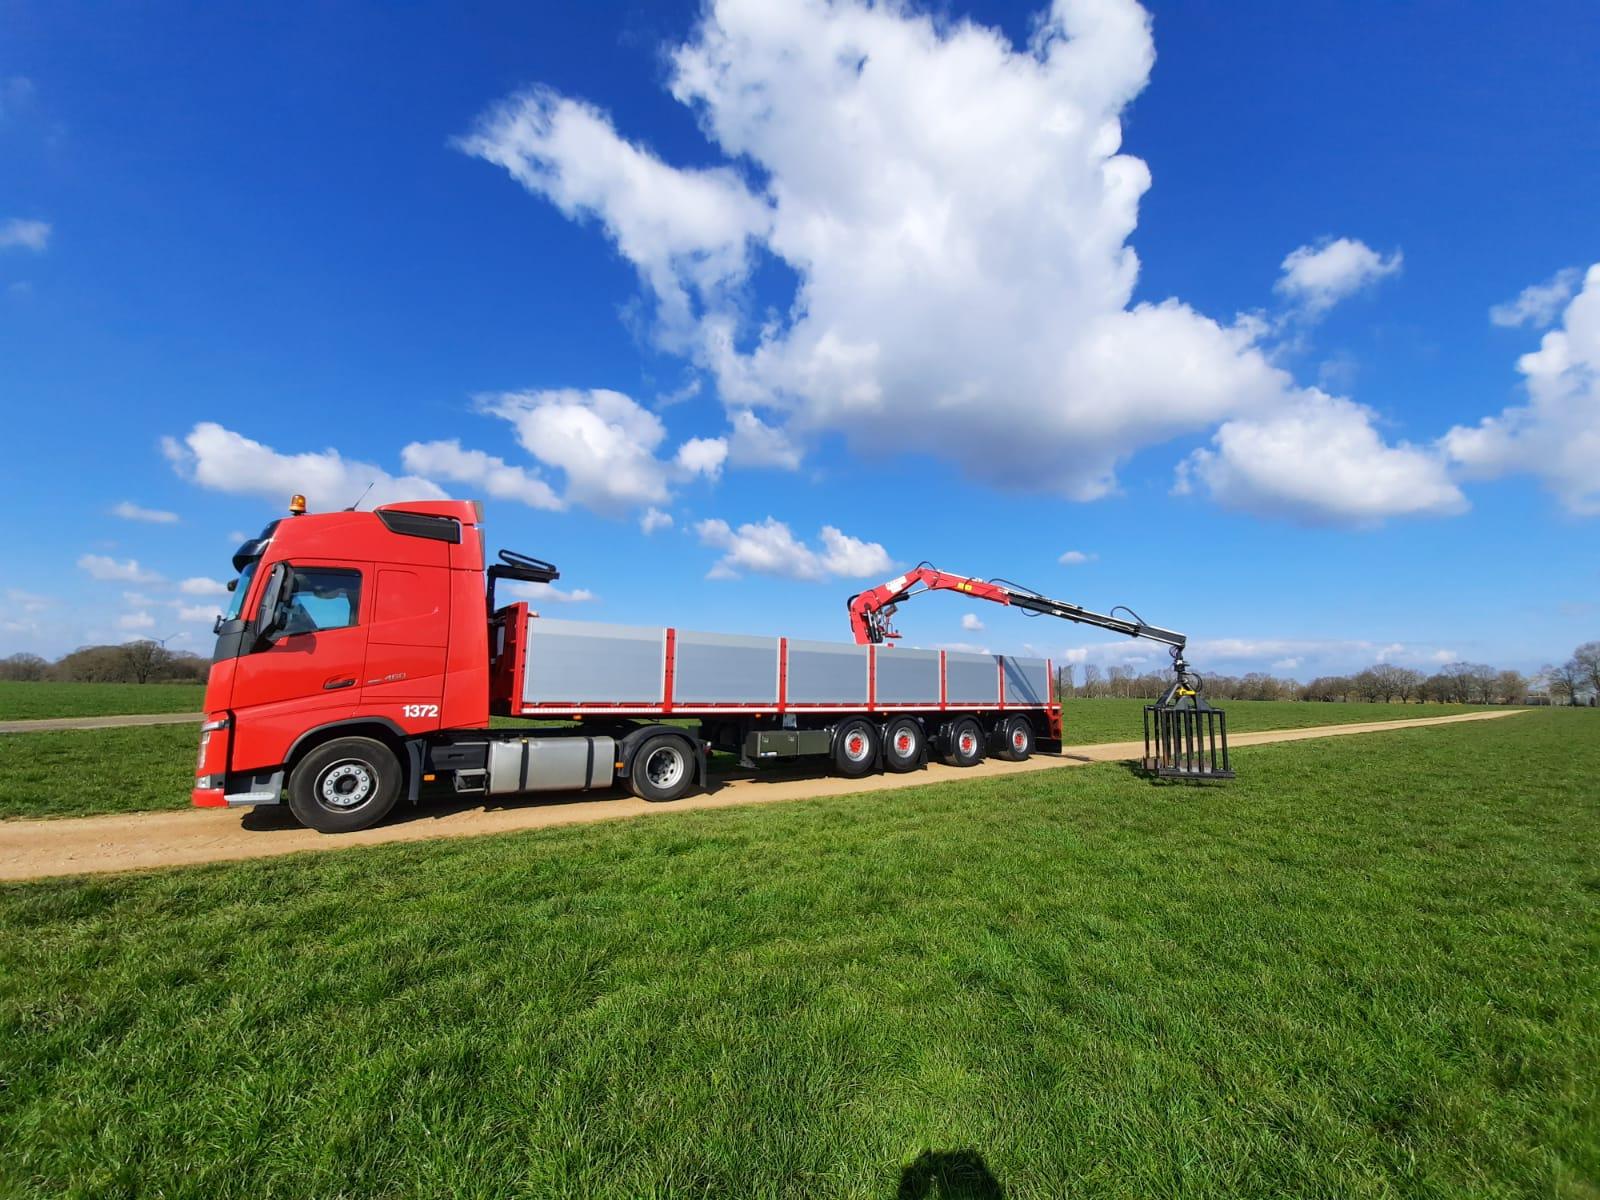 Volvo-1372-met-nieuwe-Kinetic-trailer-2-4-2020